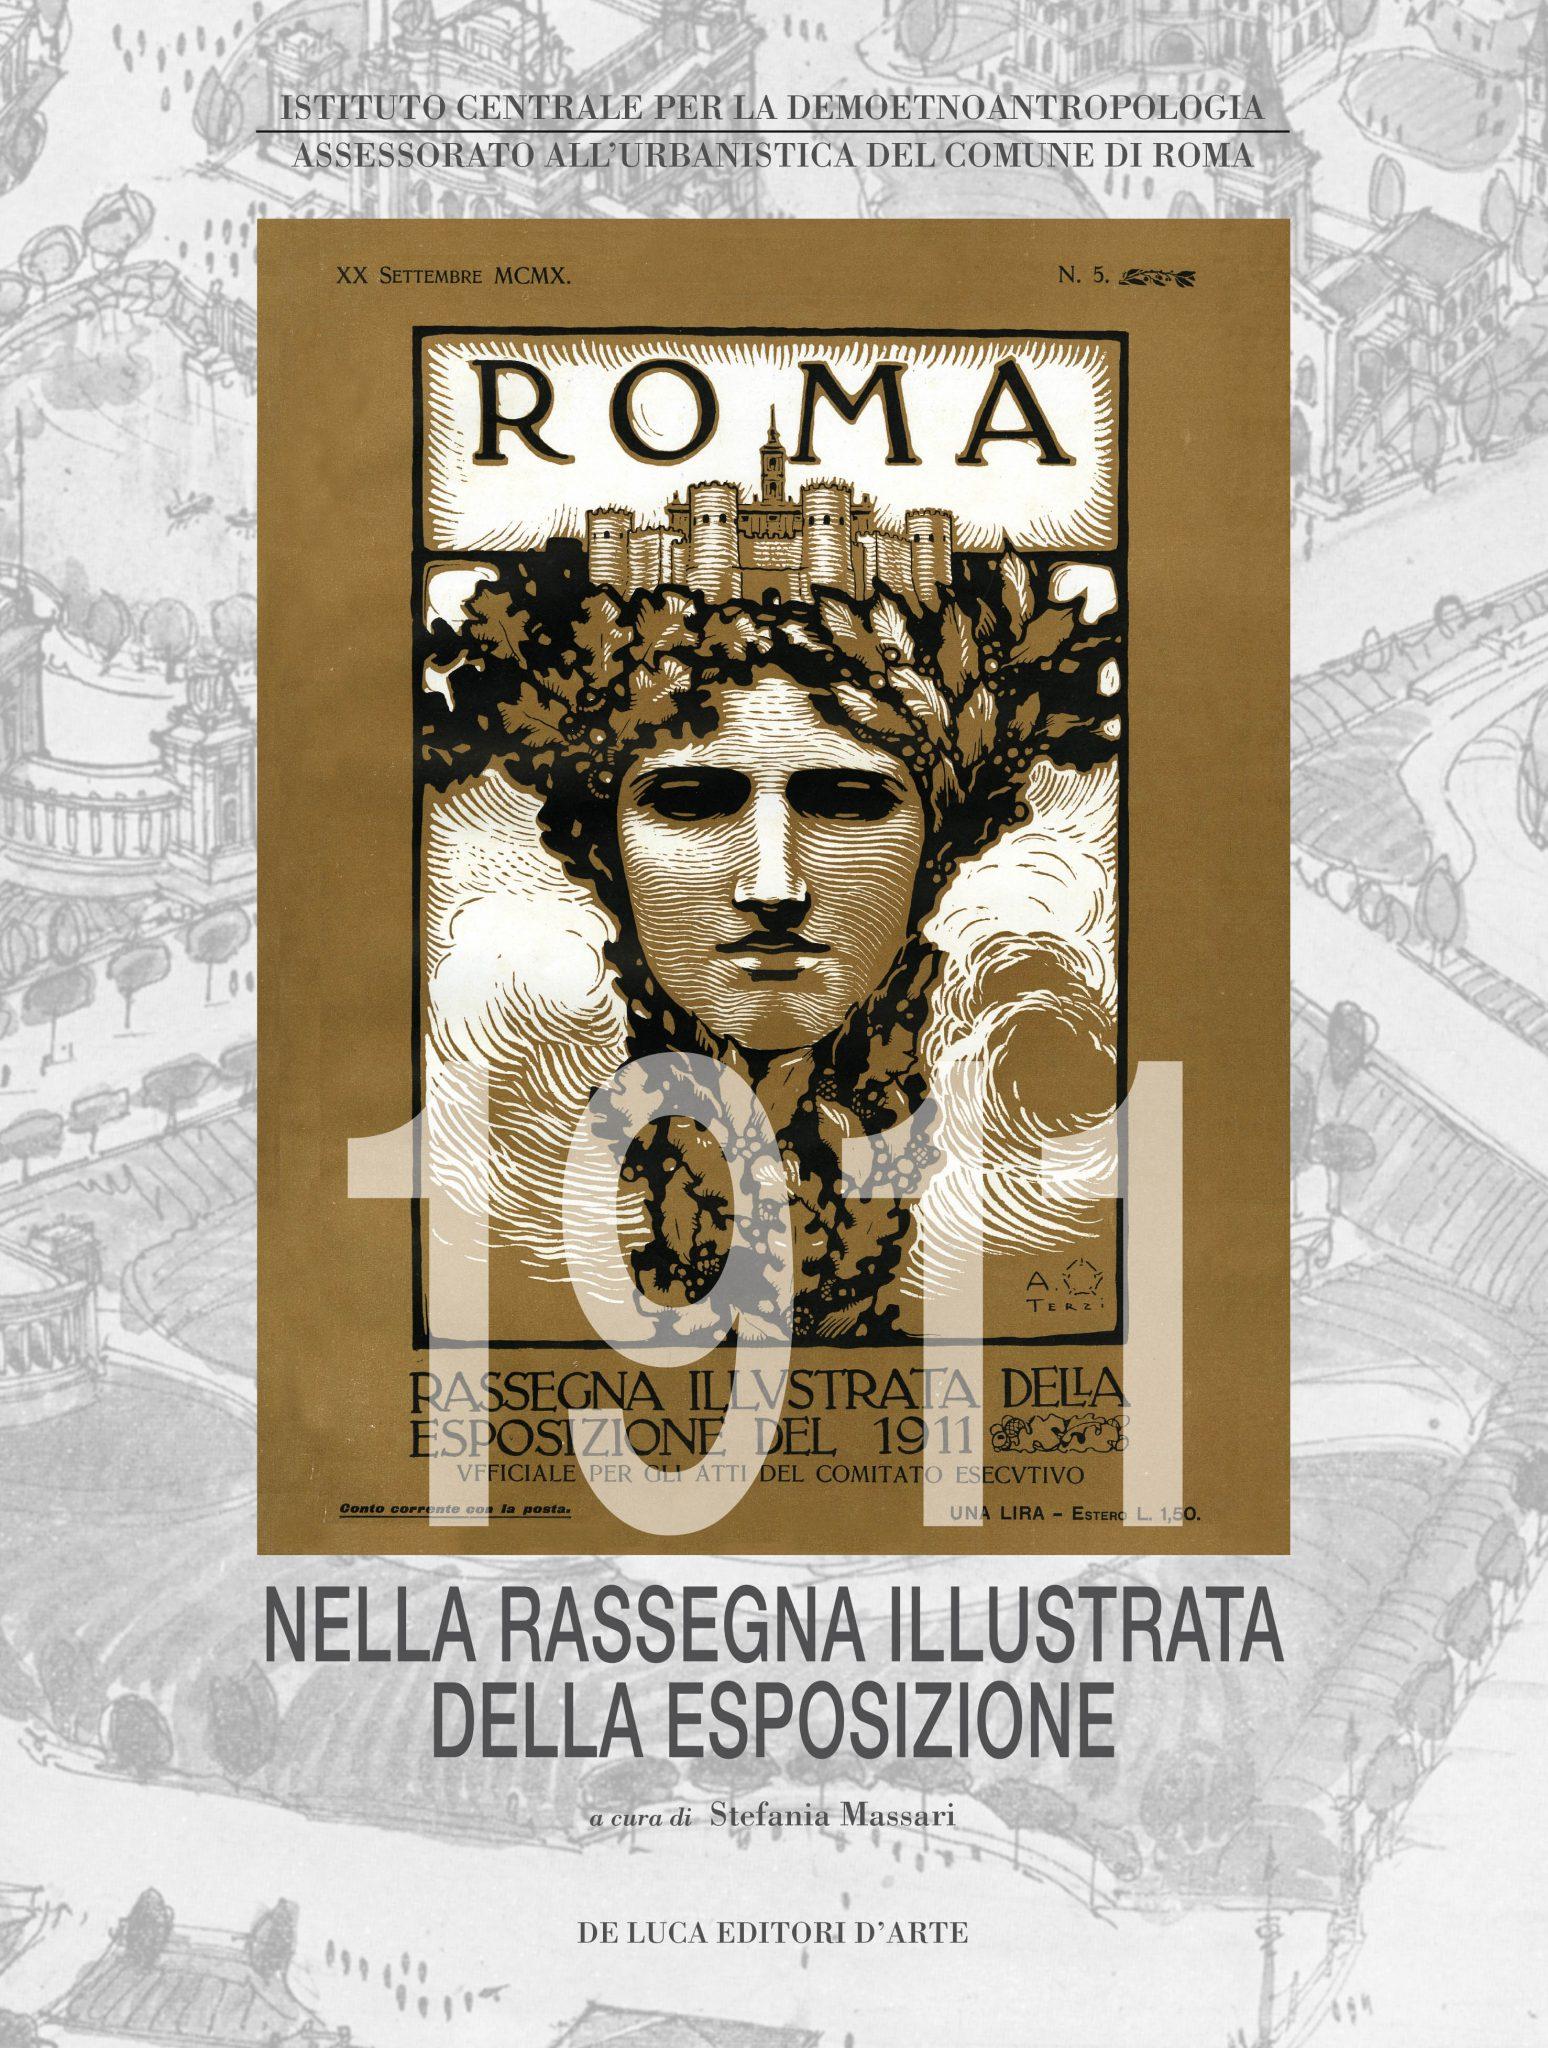 ROMA 1911 – De Luca Editori d'Arte